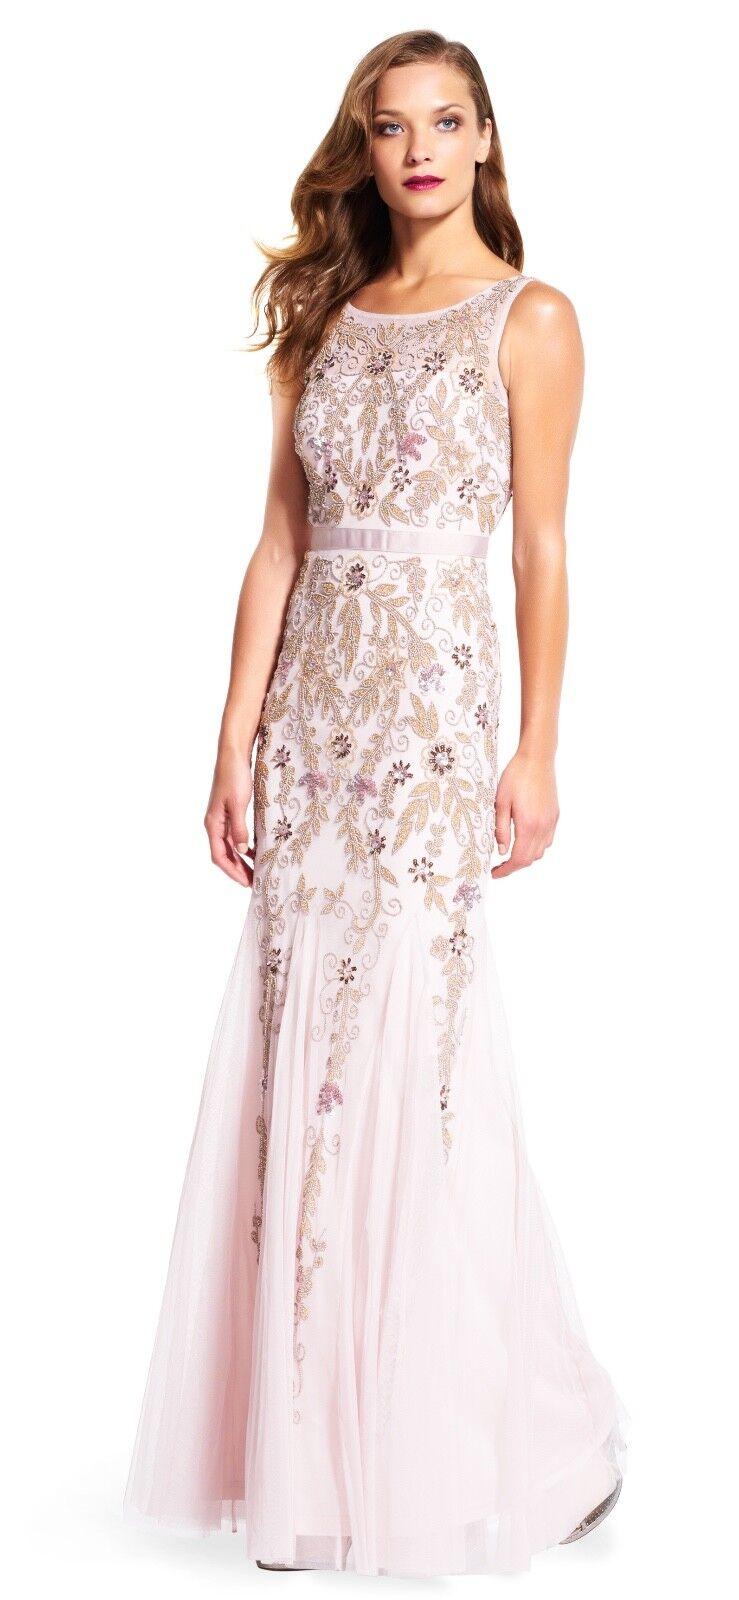 ADRIANNA PAPELL con cuentas Godet Transparente Escote Vestido Vestido talla  10  nuevo listado